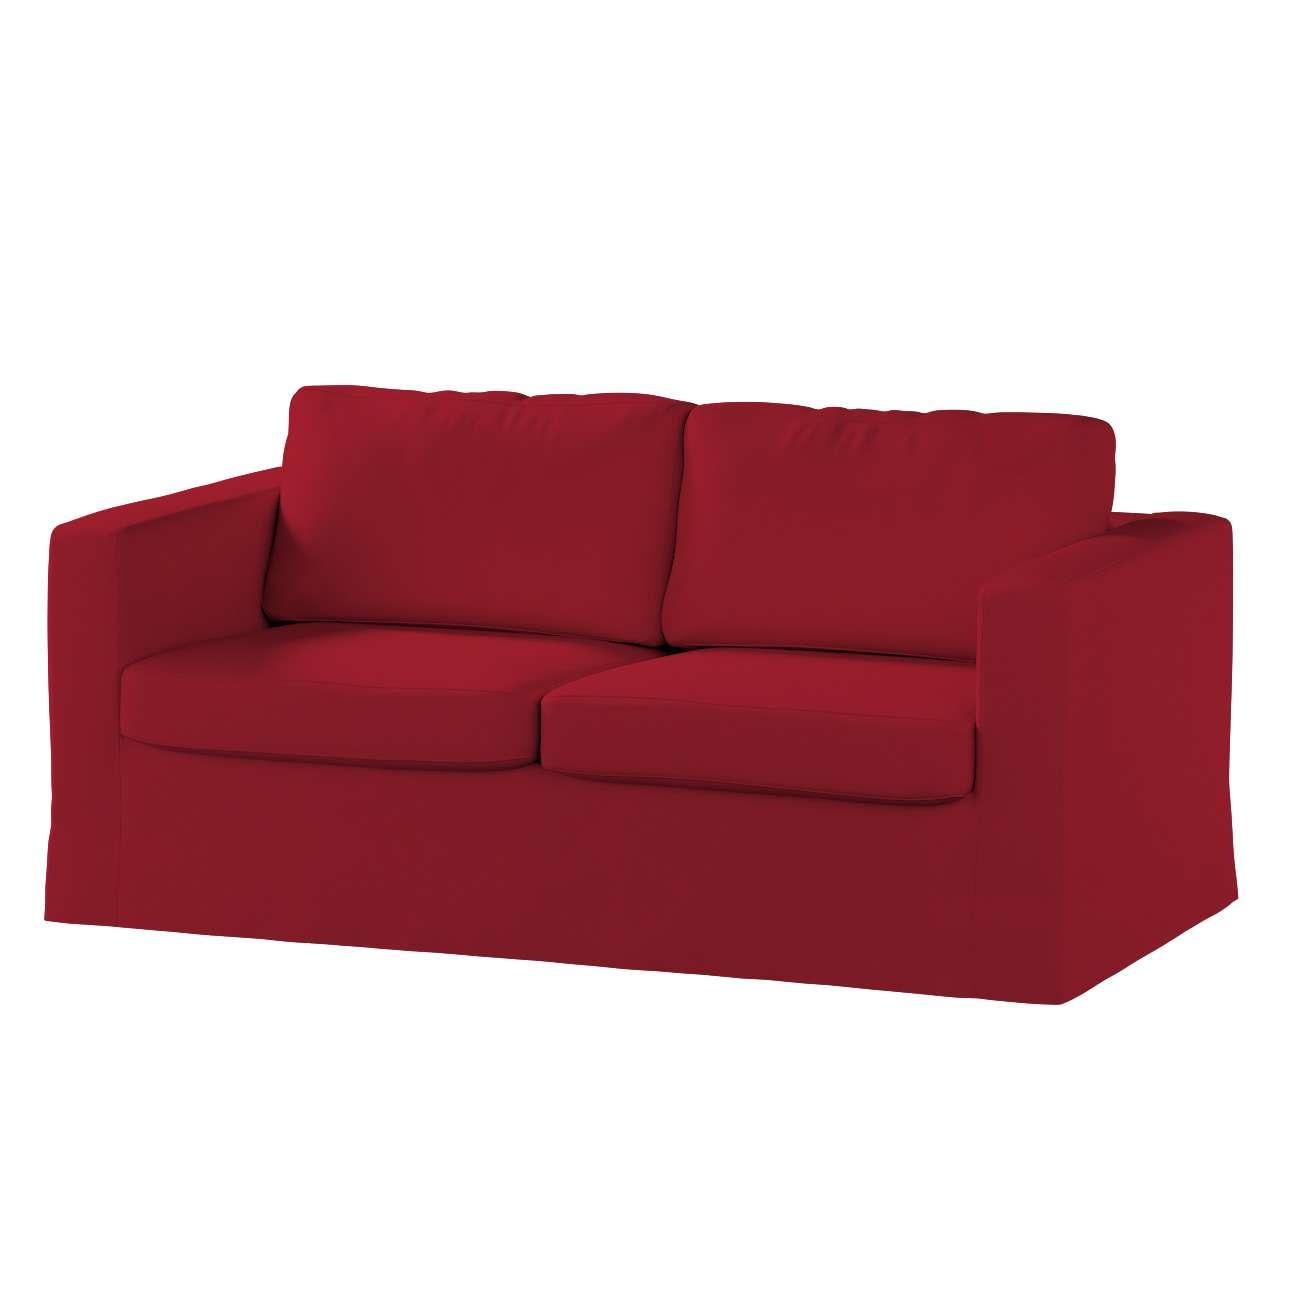 Pokrowiec na sofę Karlstad 2-osobową nierozkładaną długi Sofa Karlstad 2-osobowa w kolekcji Chenille, tkanina: 702-24